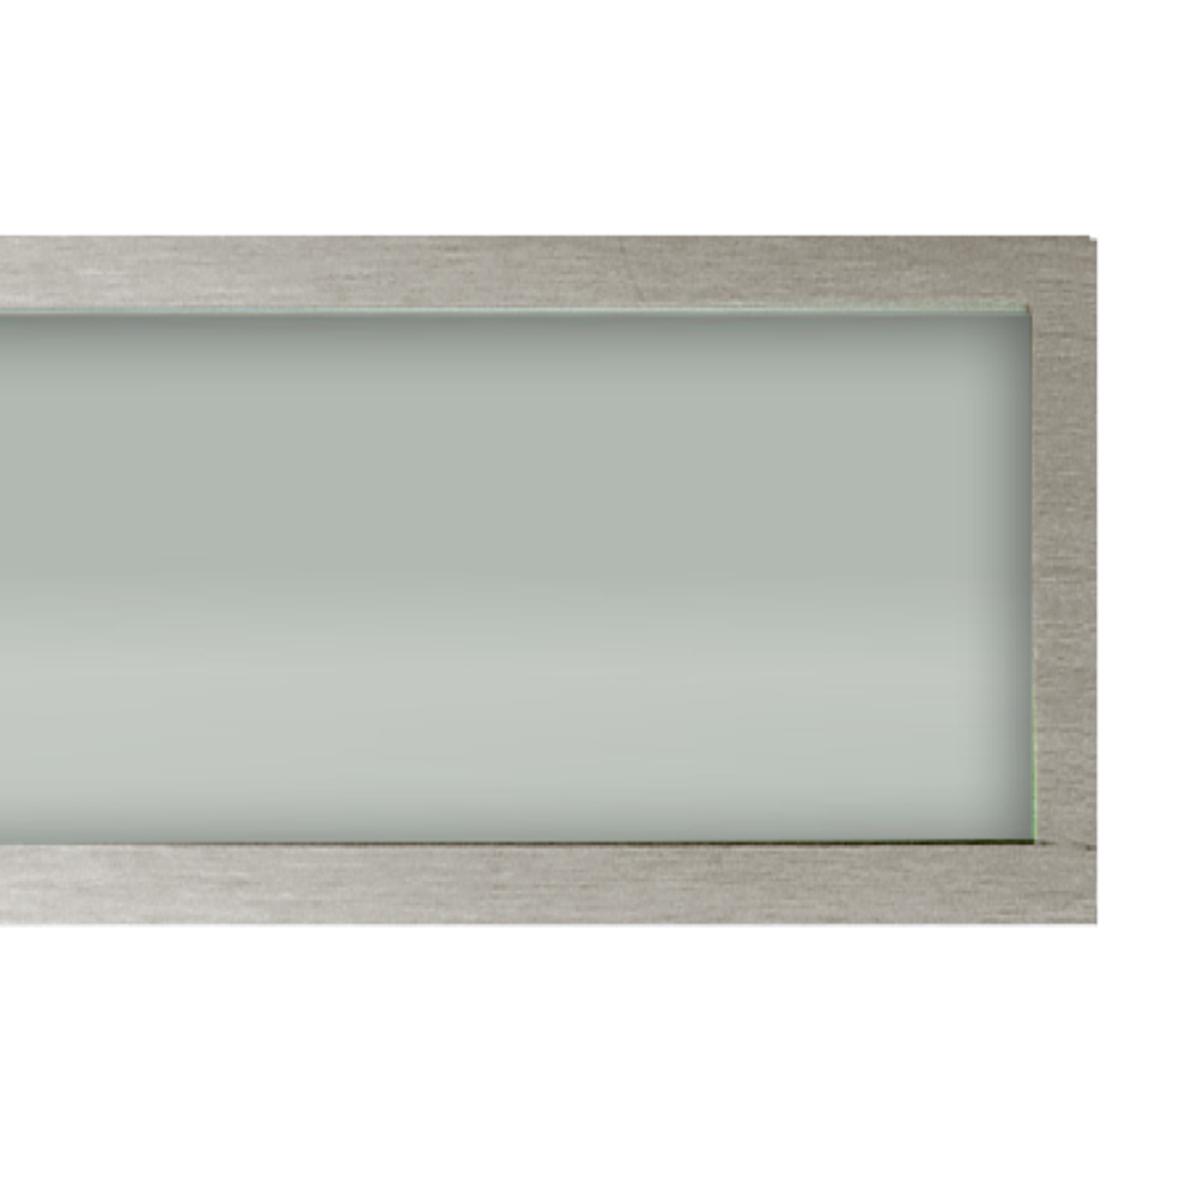 Plafon Space Emb. Ret.   75cm Alum. Vidro Fosco 2x20w Fluor.  Escovado